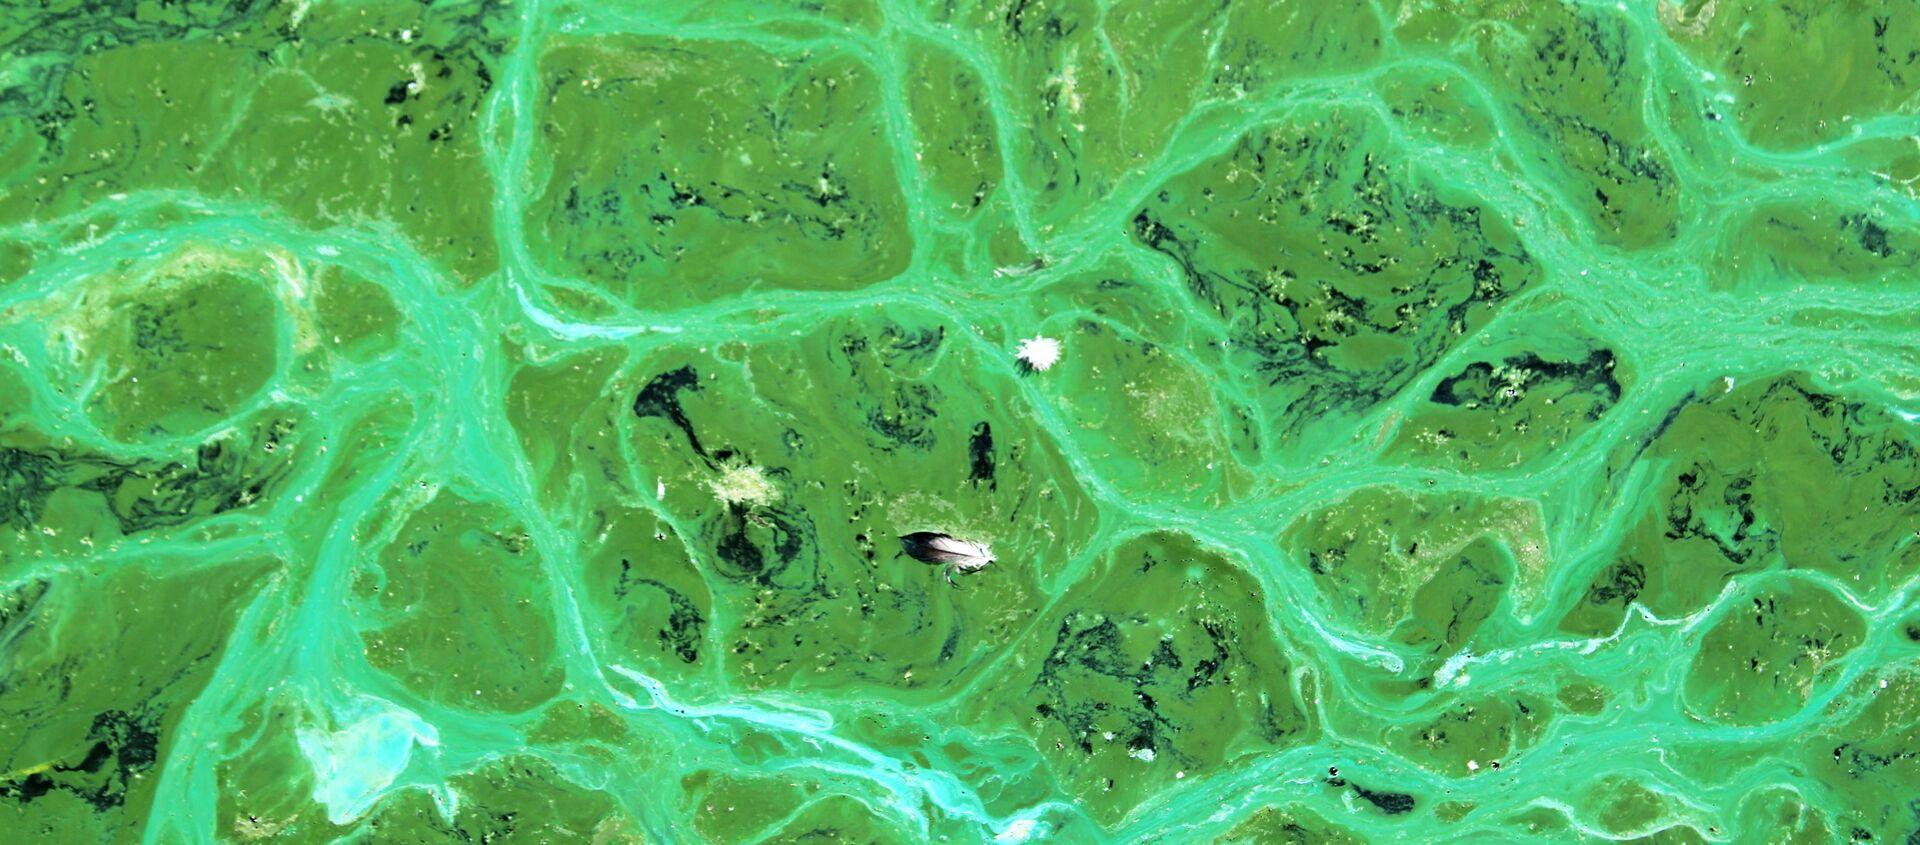 Cianobacterias - Sputnik Mundo, 1920, 30.11.2020